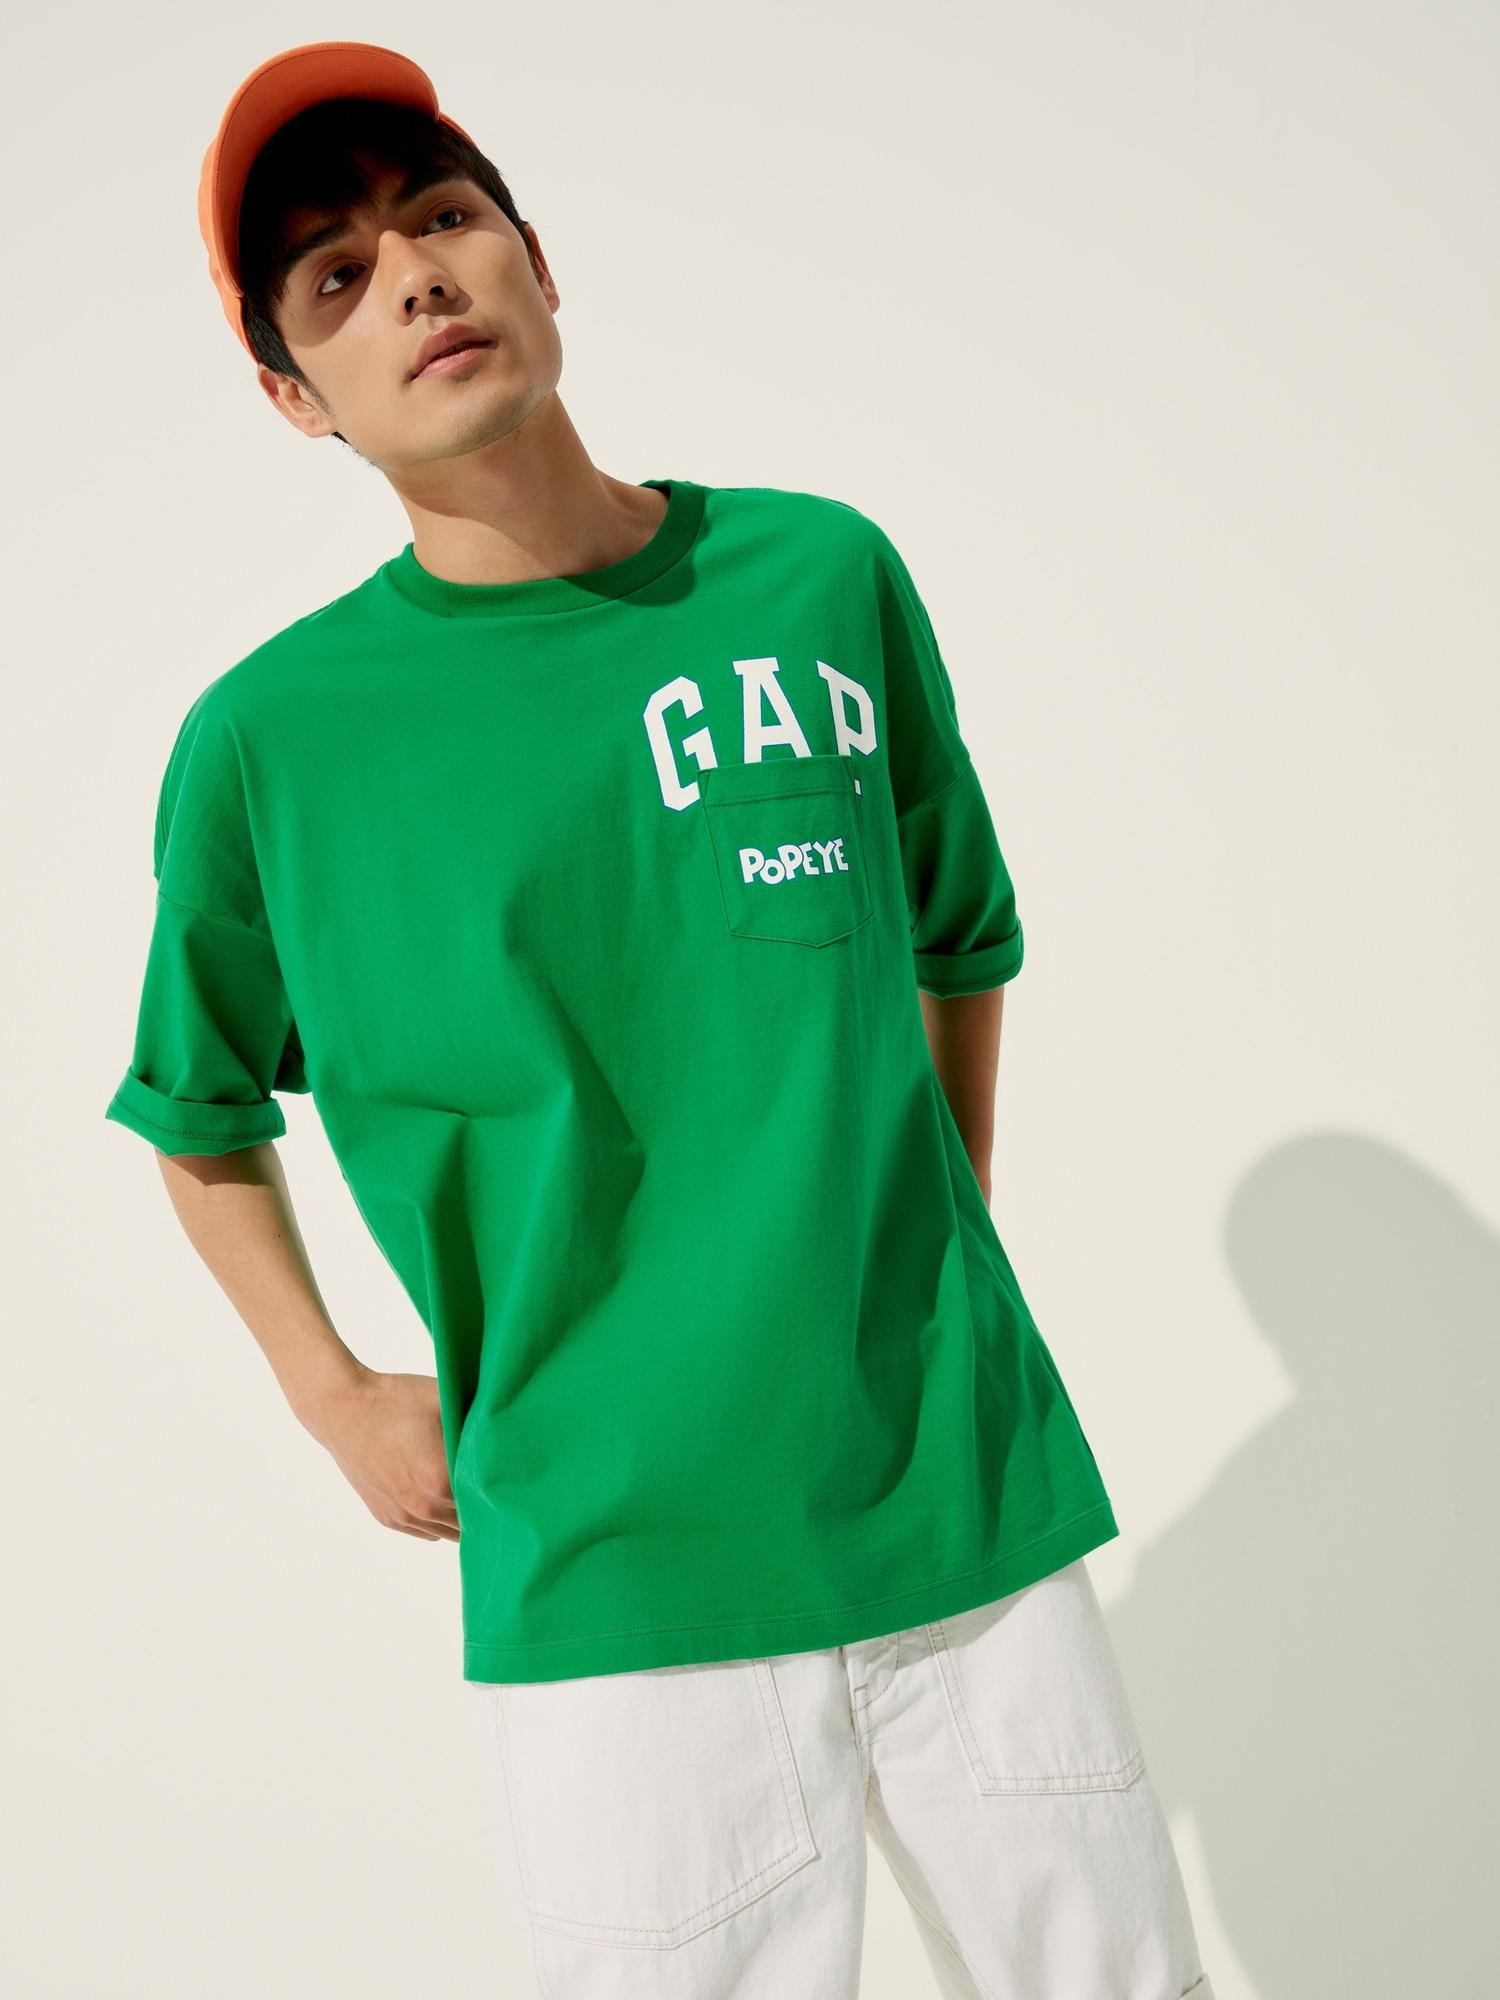 ポパイ™ グラフィック Tシャツ